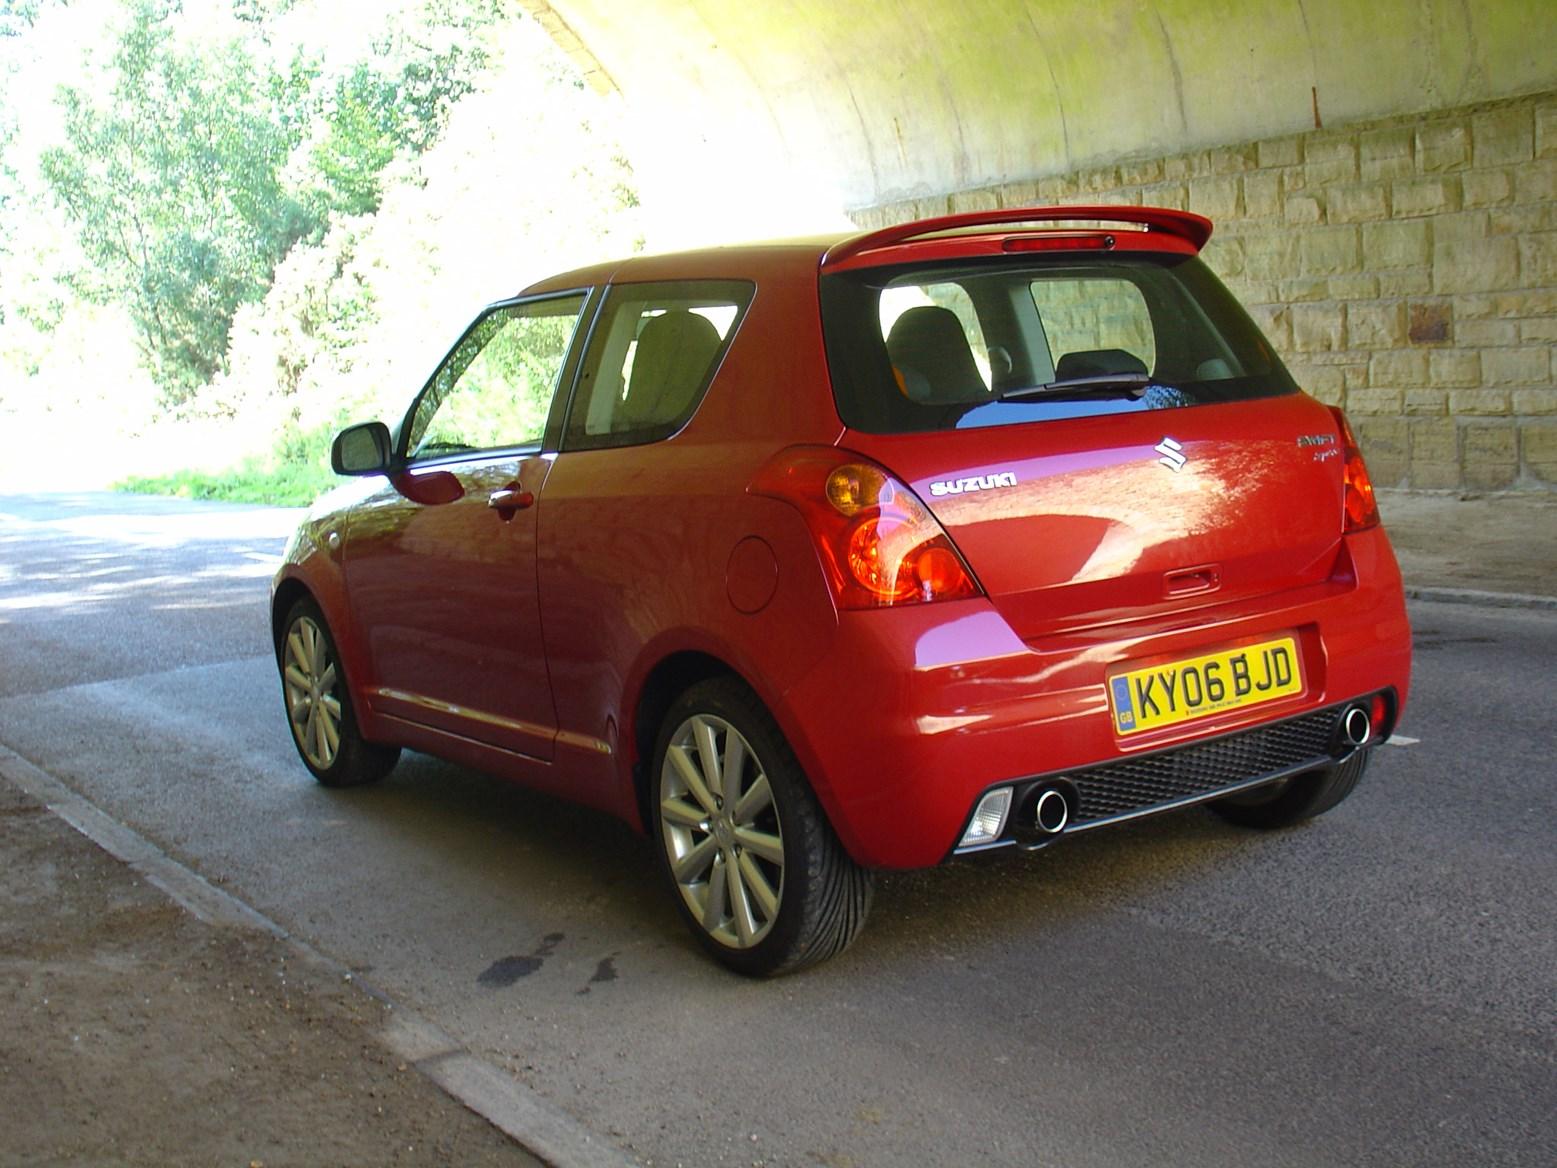 Used Suzuki Swift Sport (2006 - 2011) MPG   Parkers